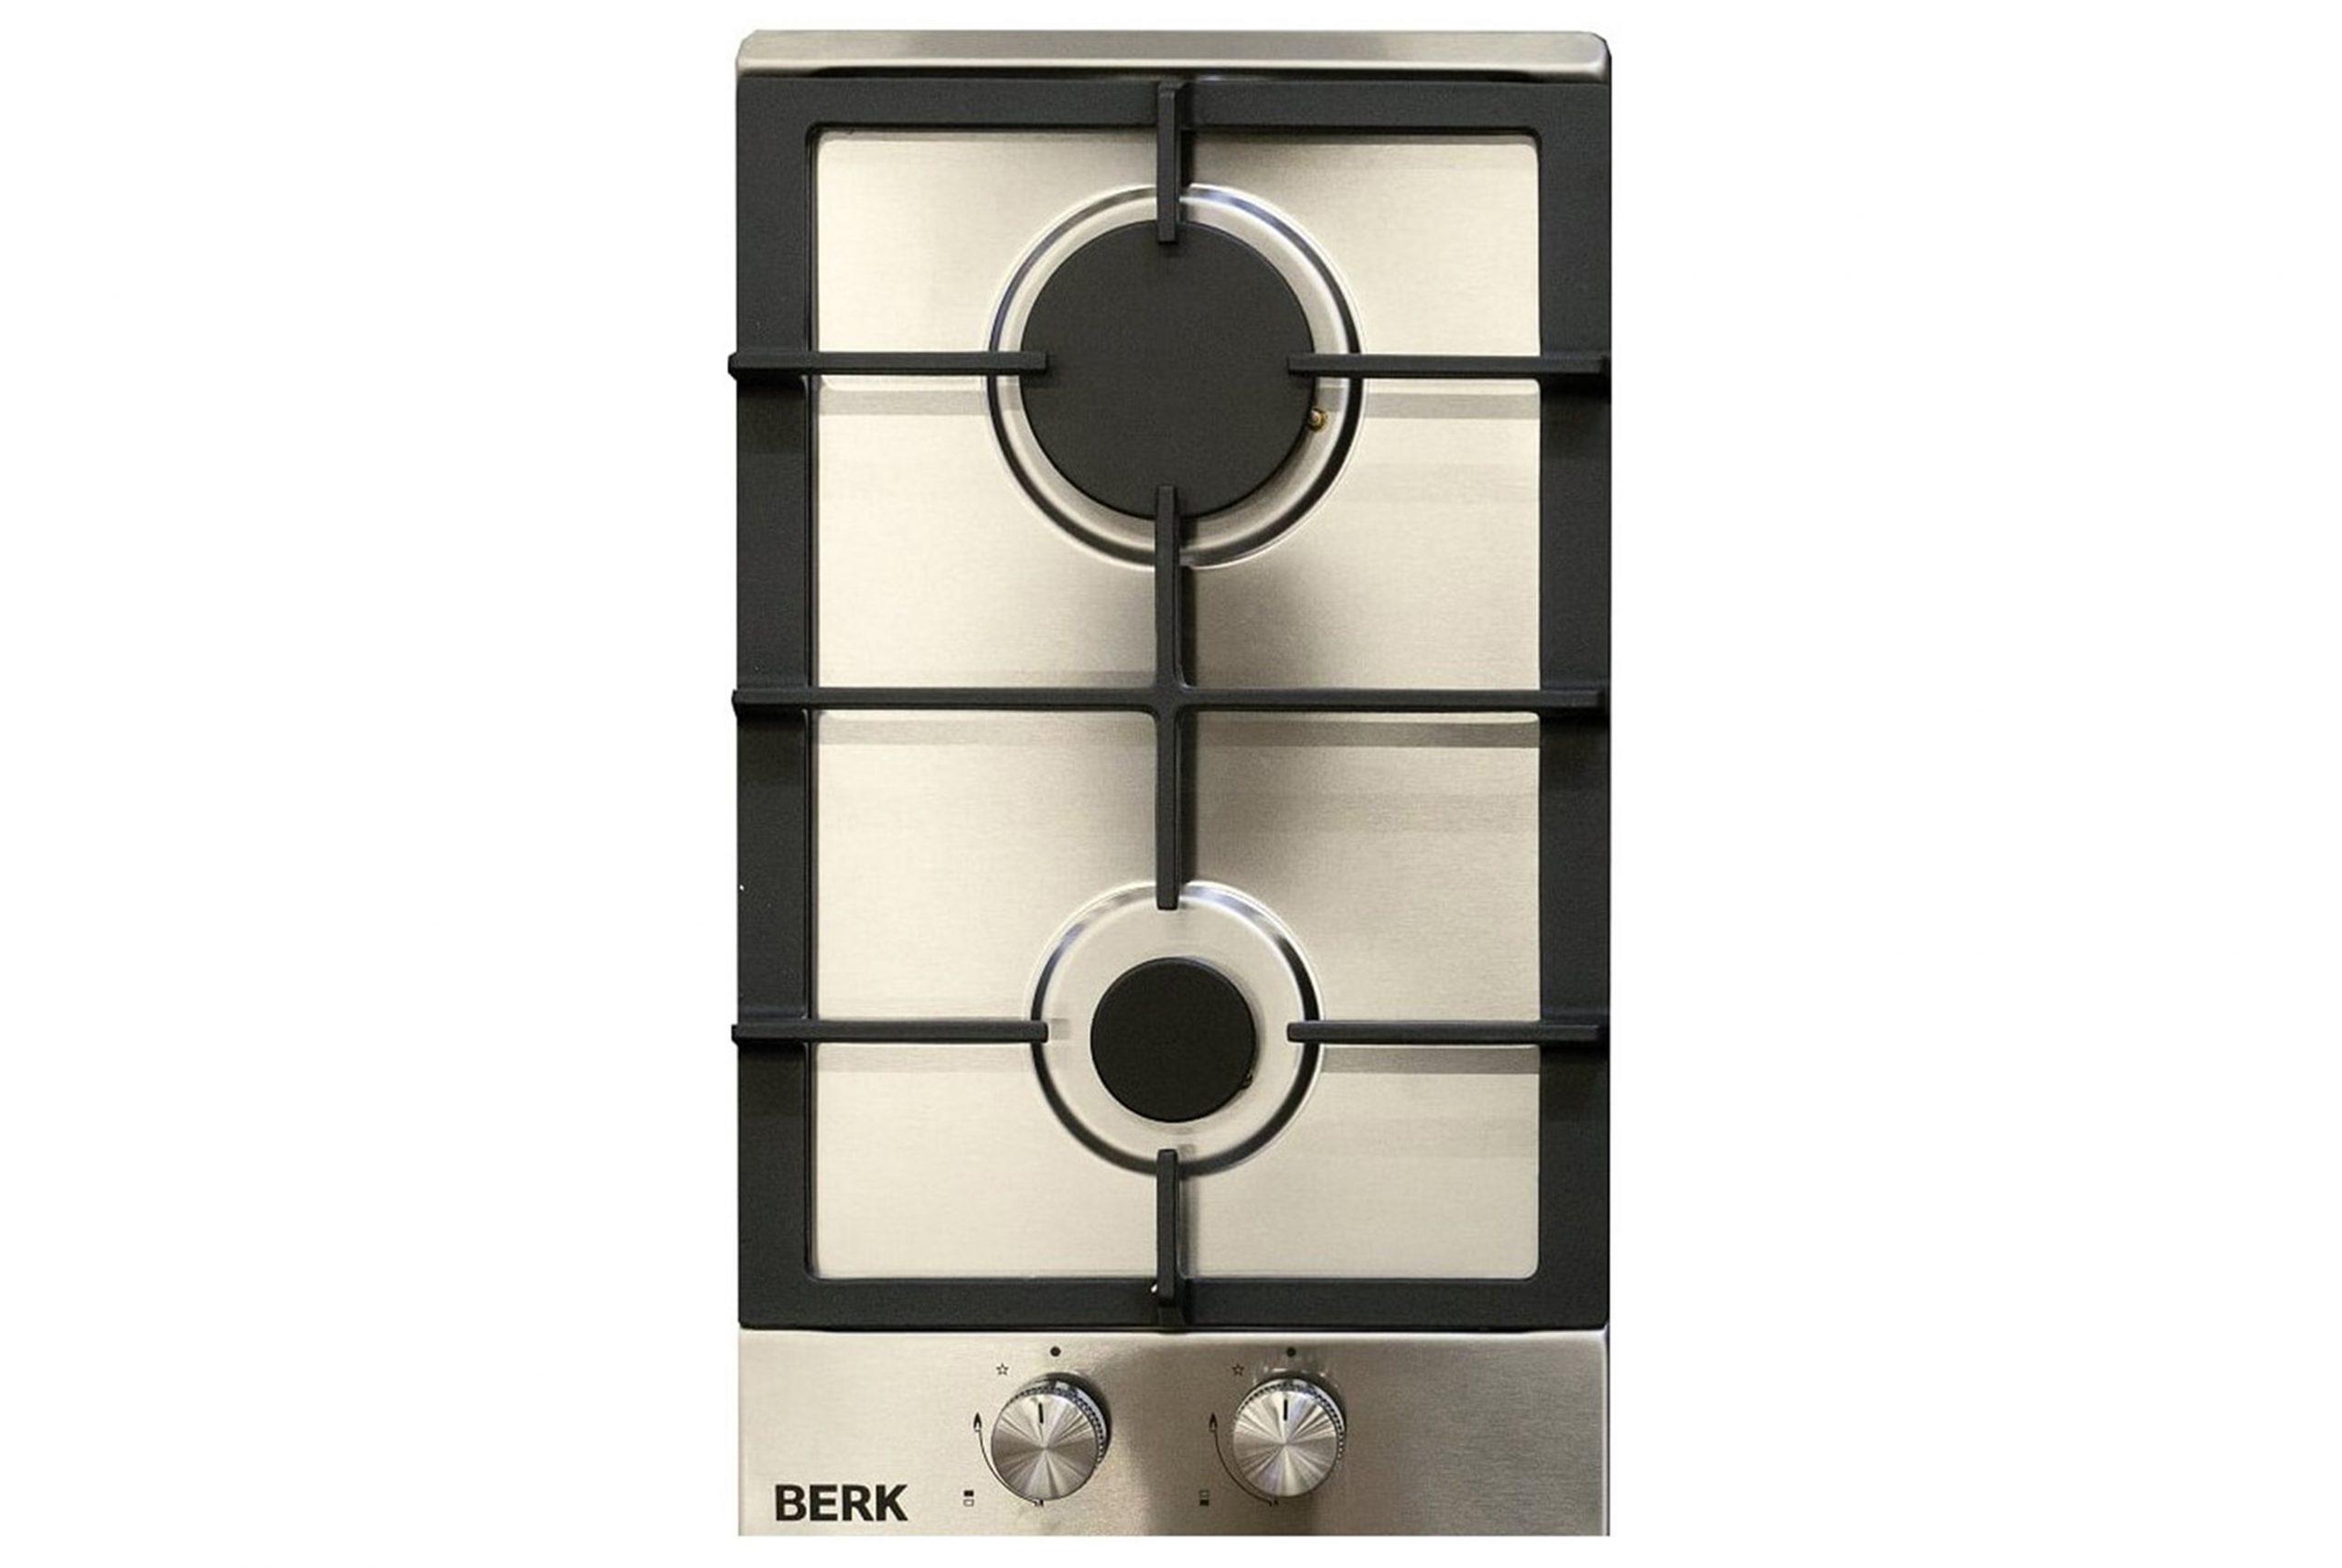 Domino dujine kaitlente Berk BHG 320 MXM